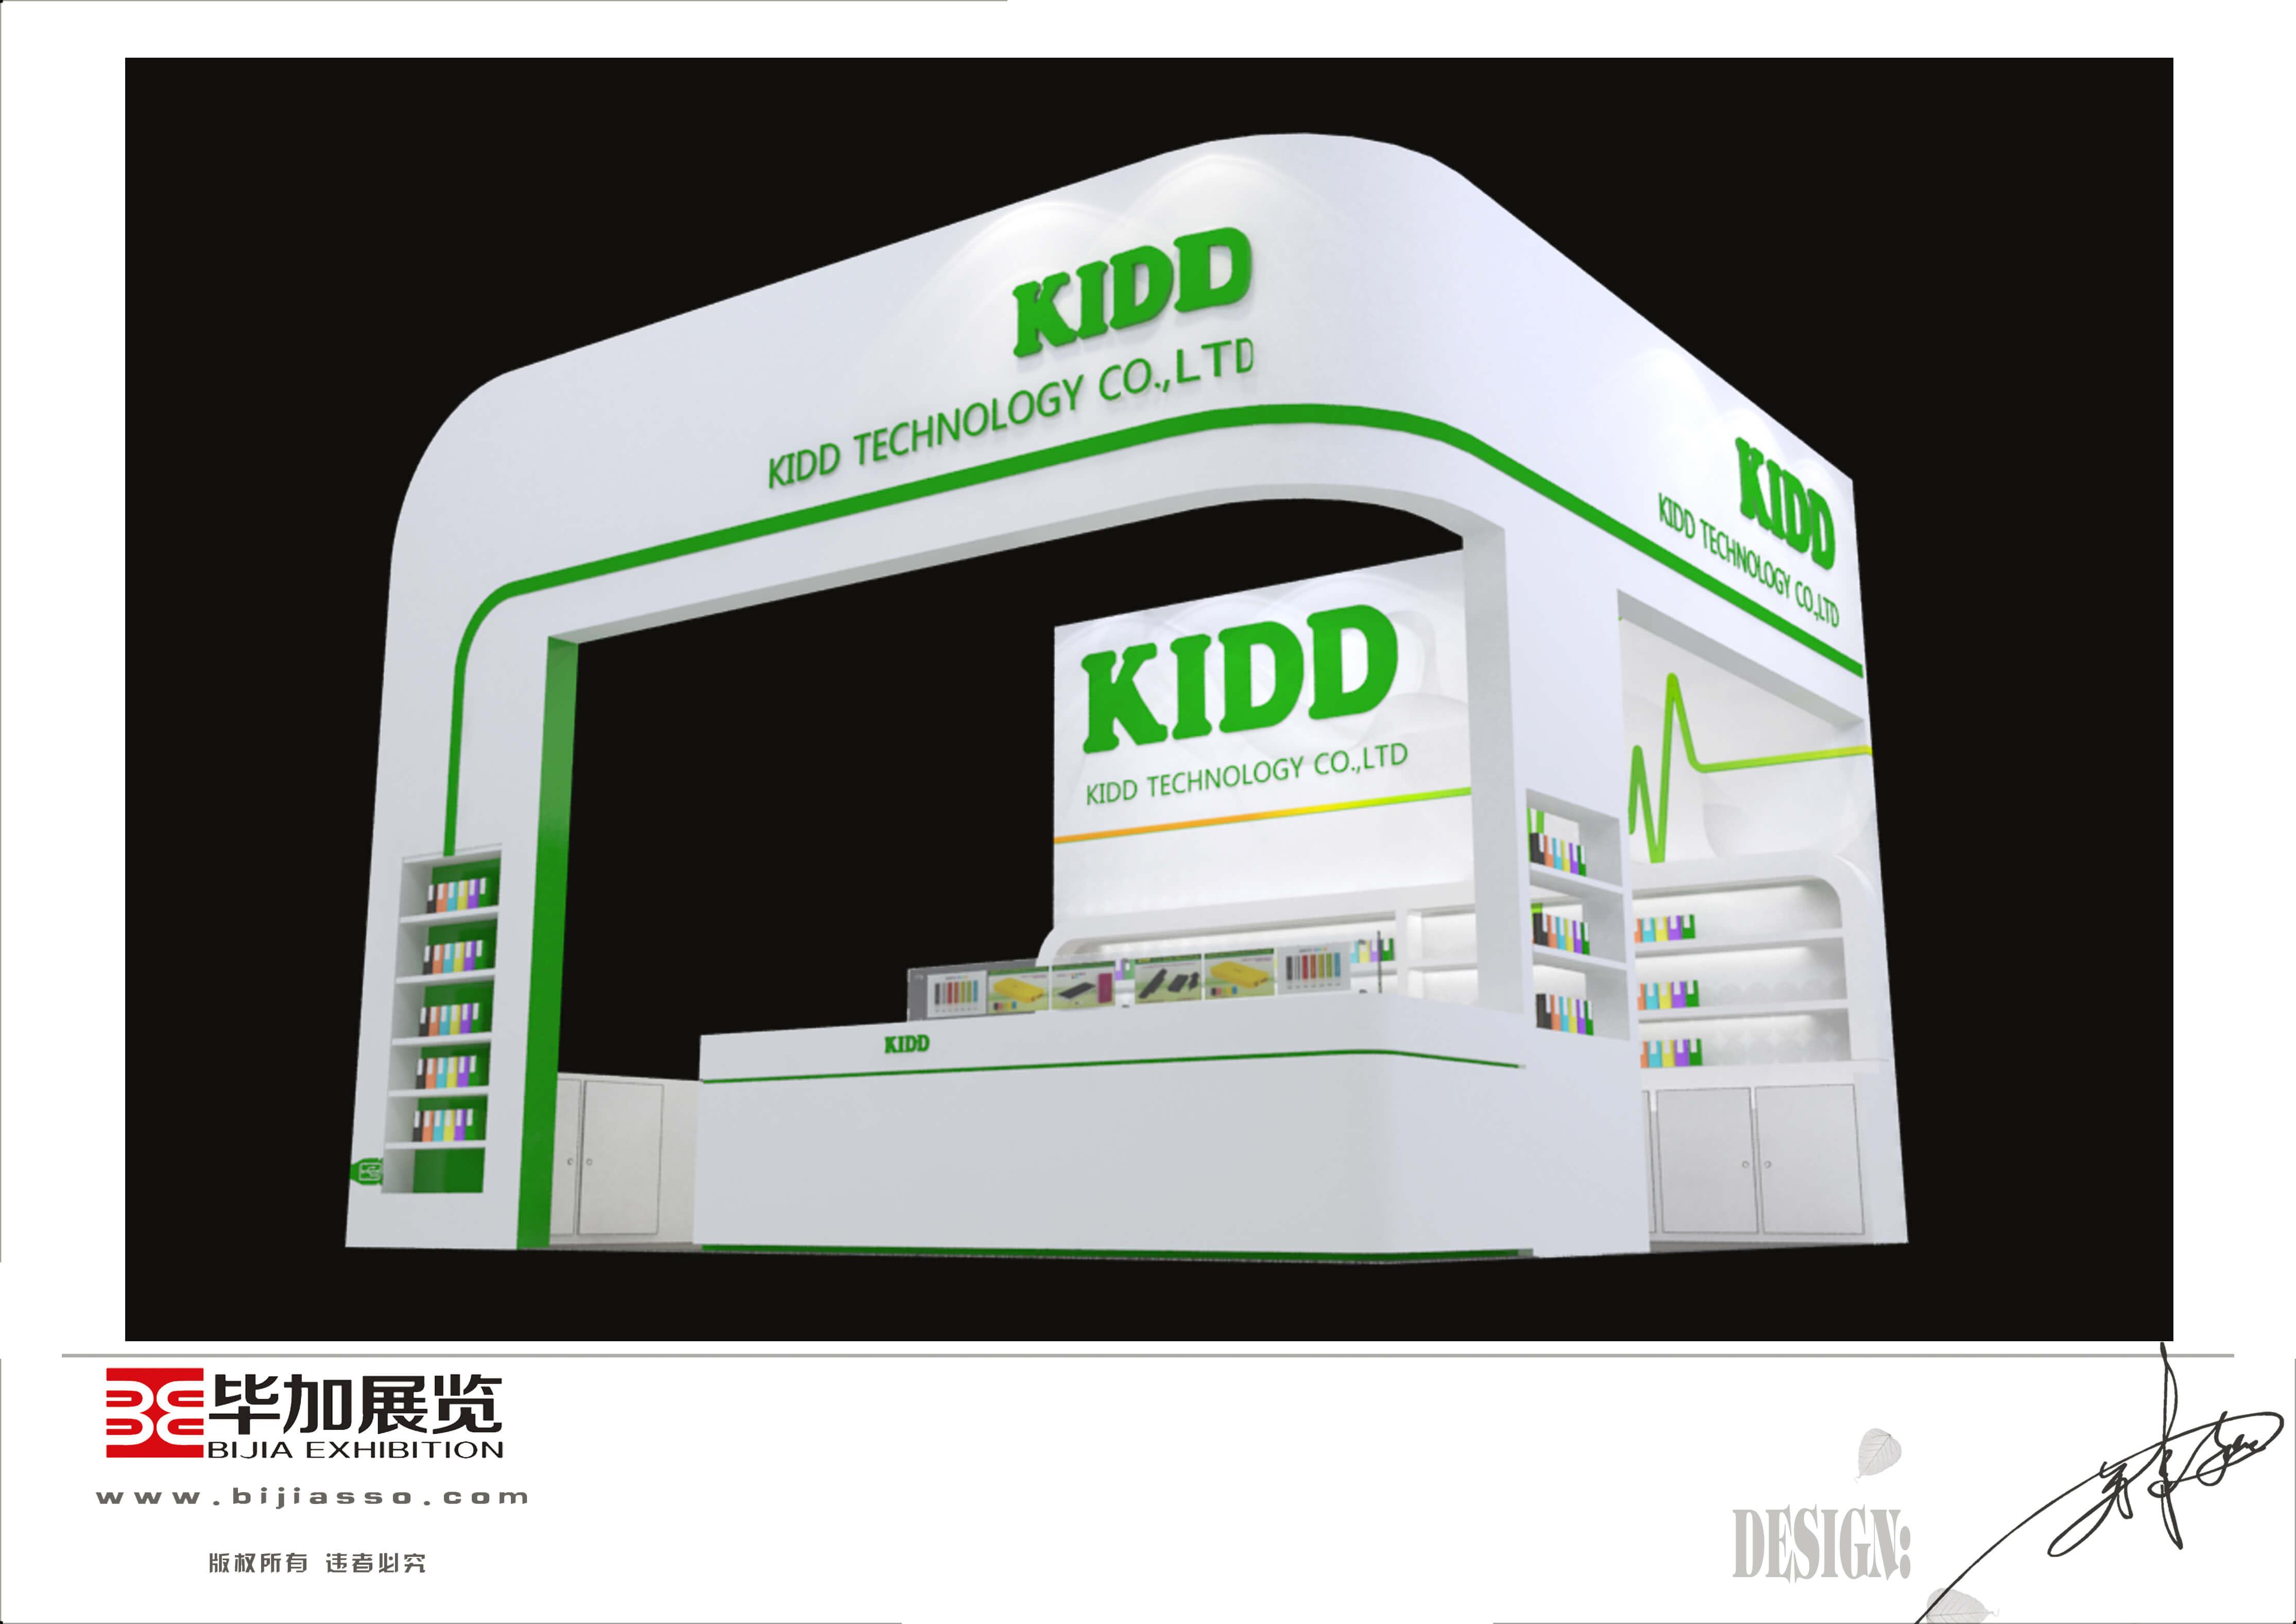 KIDD香港展会设计